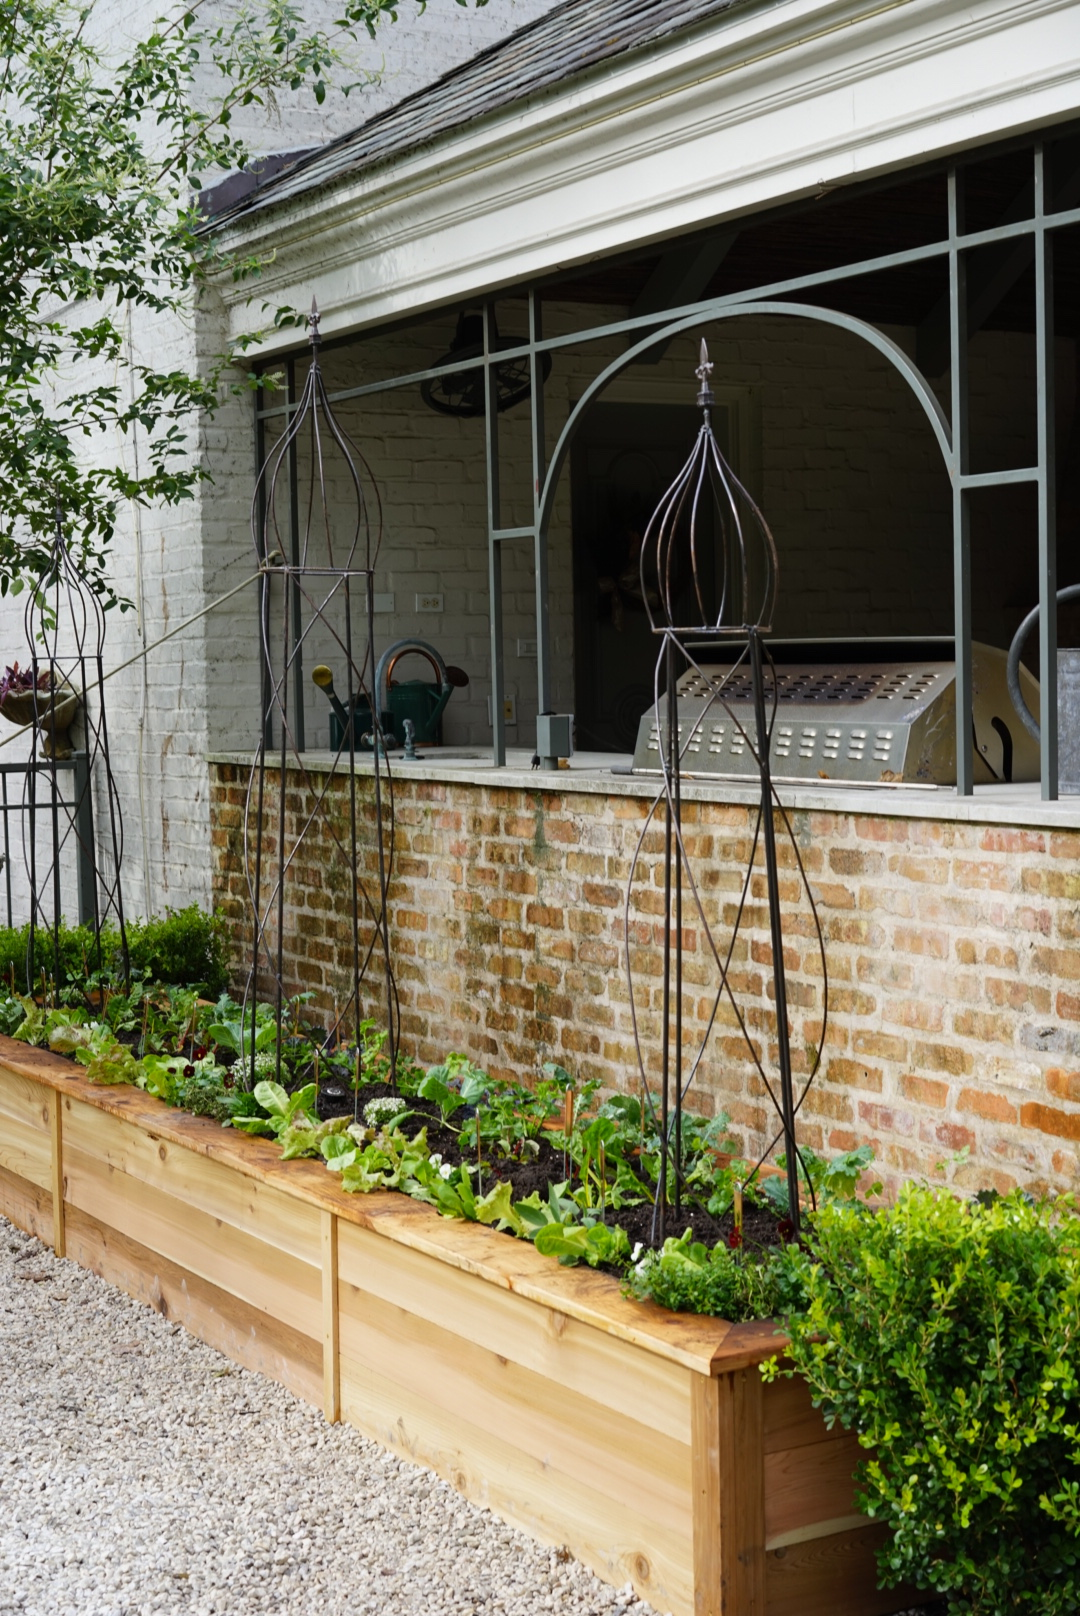 Kitchen garden near an outdoor kitchen